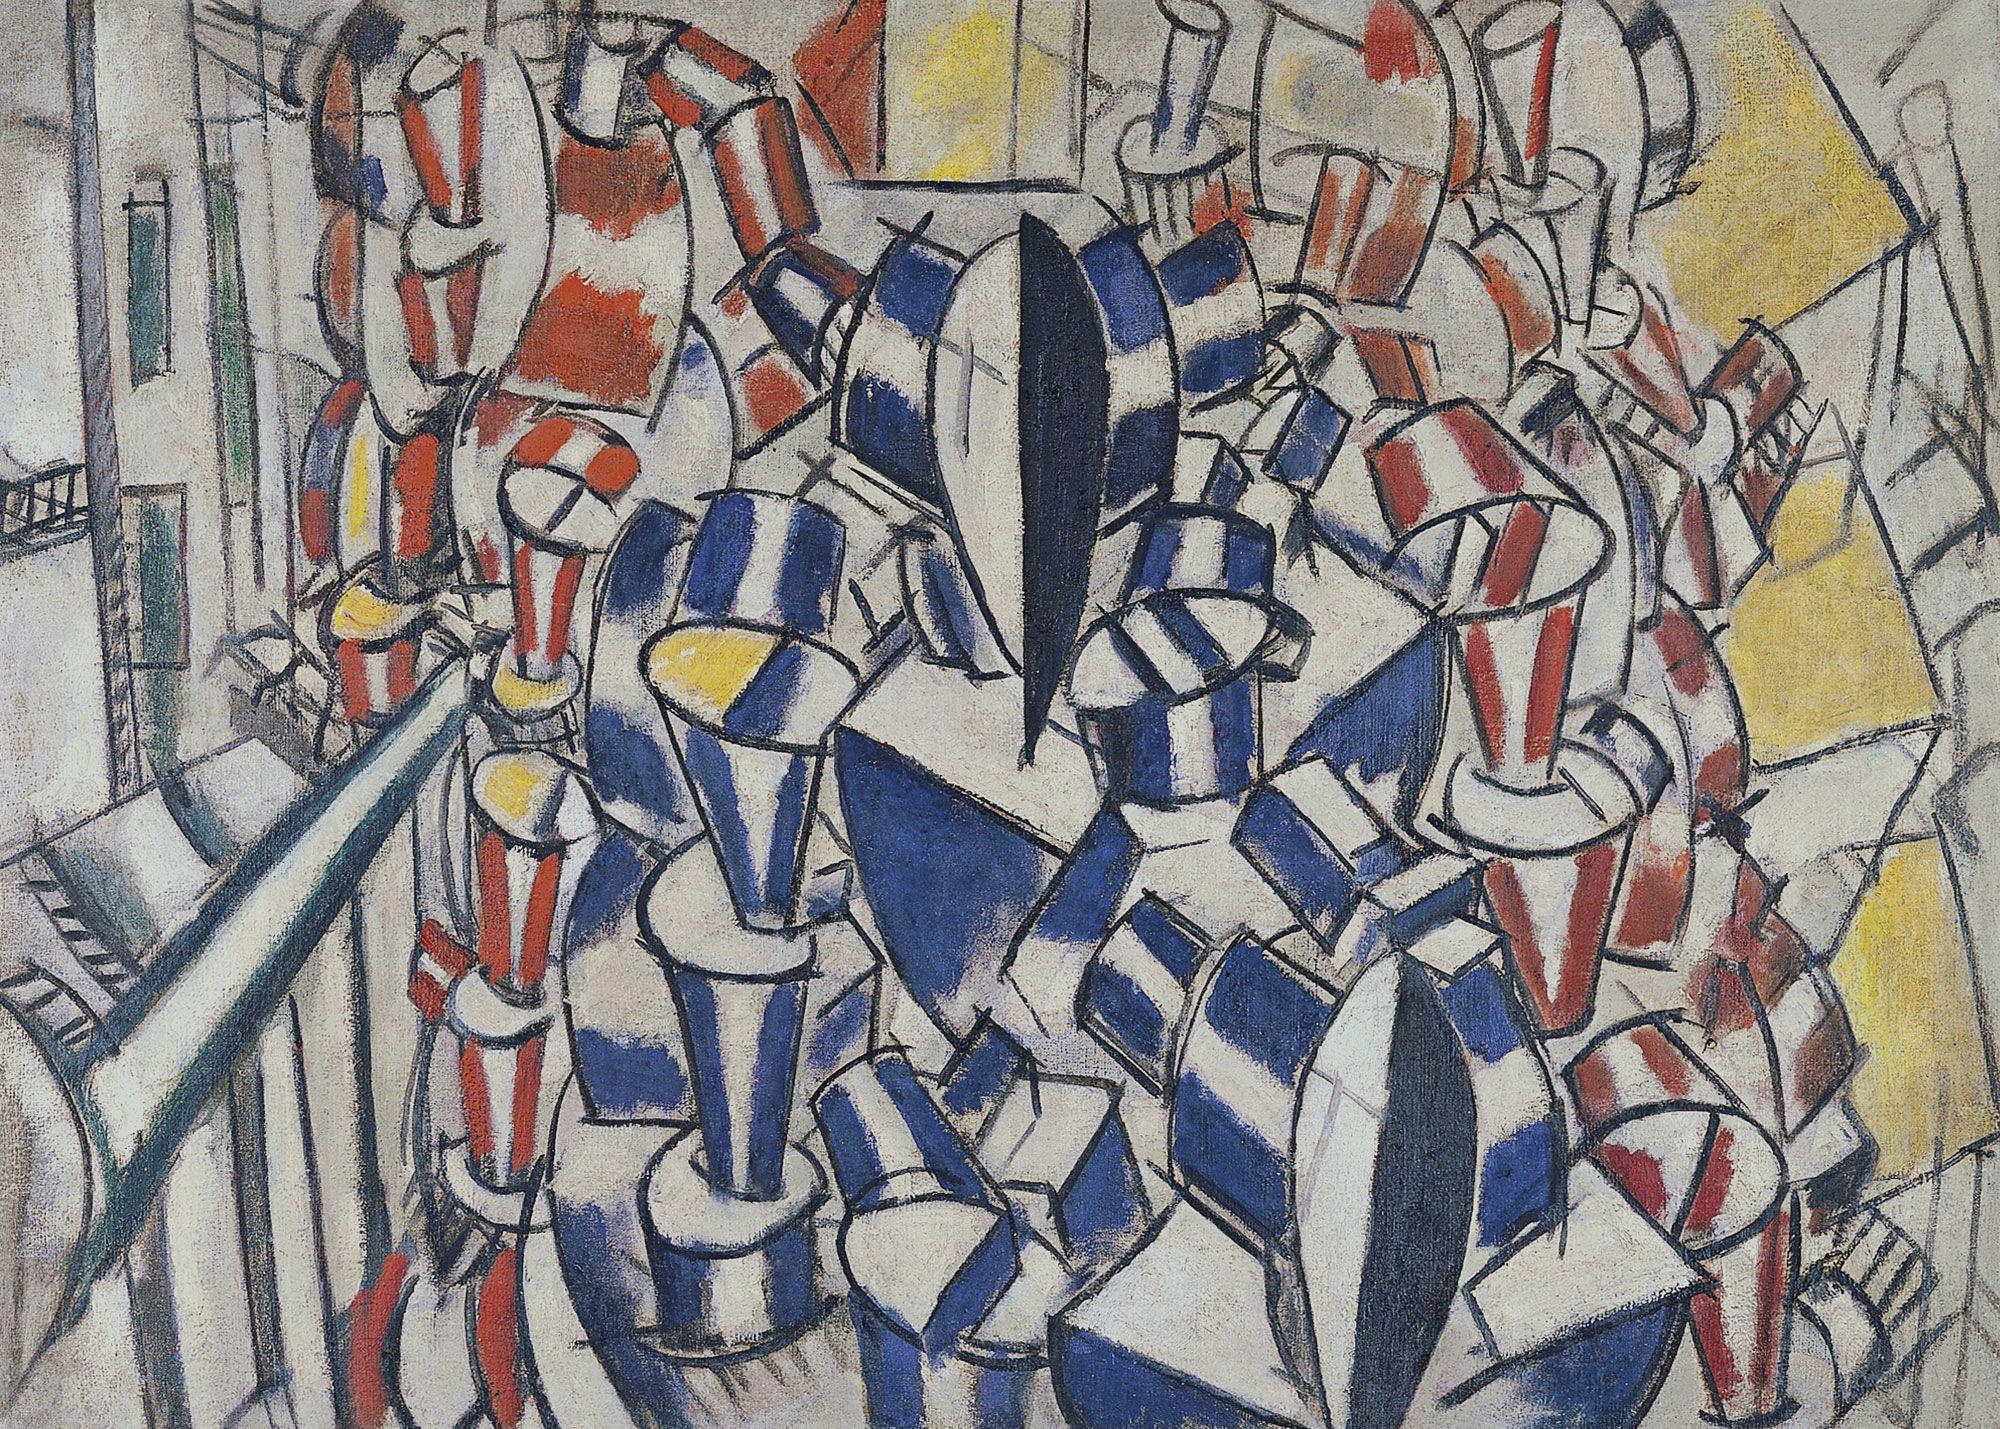 Visto Museo Thyssen 23/10/13 Fernand Léger La escalera (Segundo estado) 1914